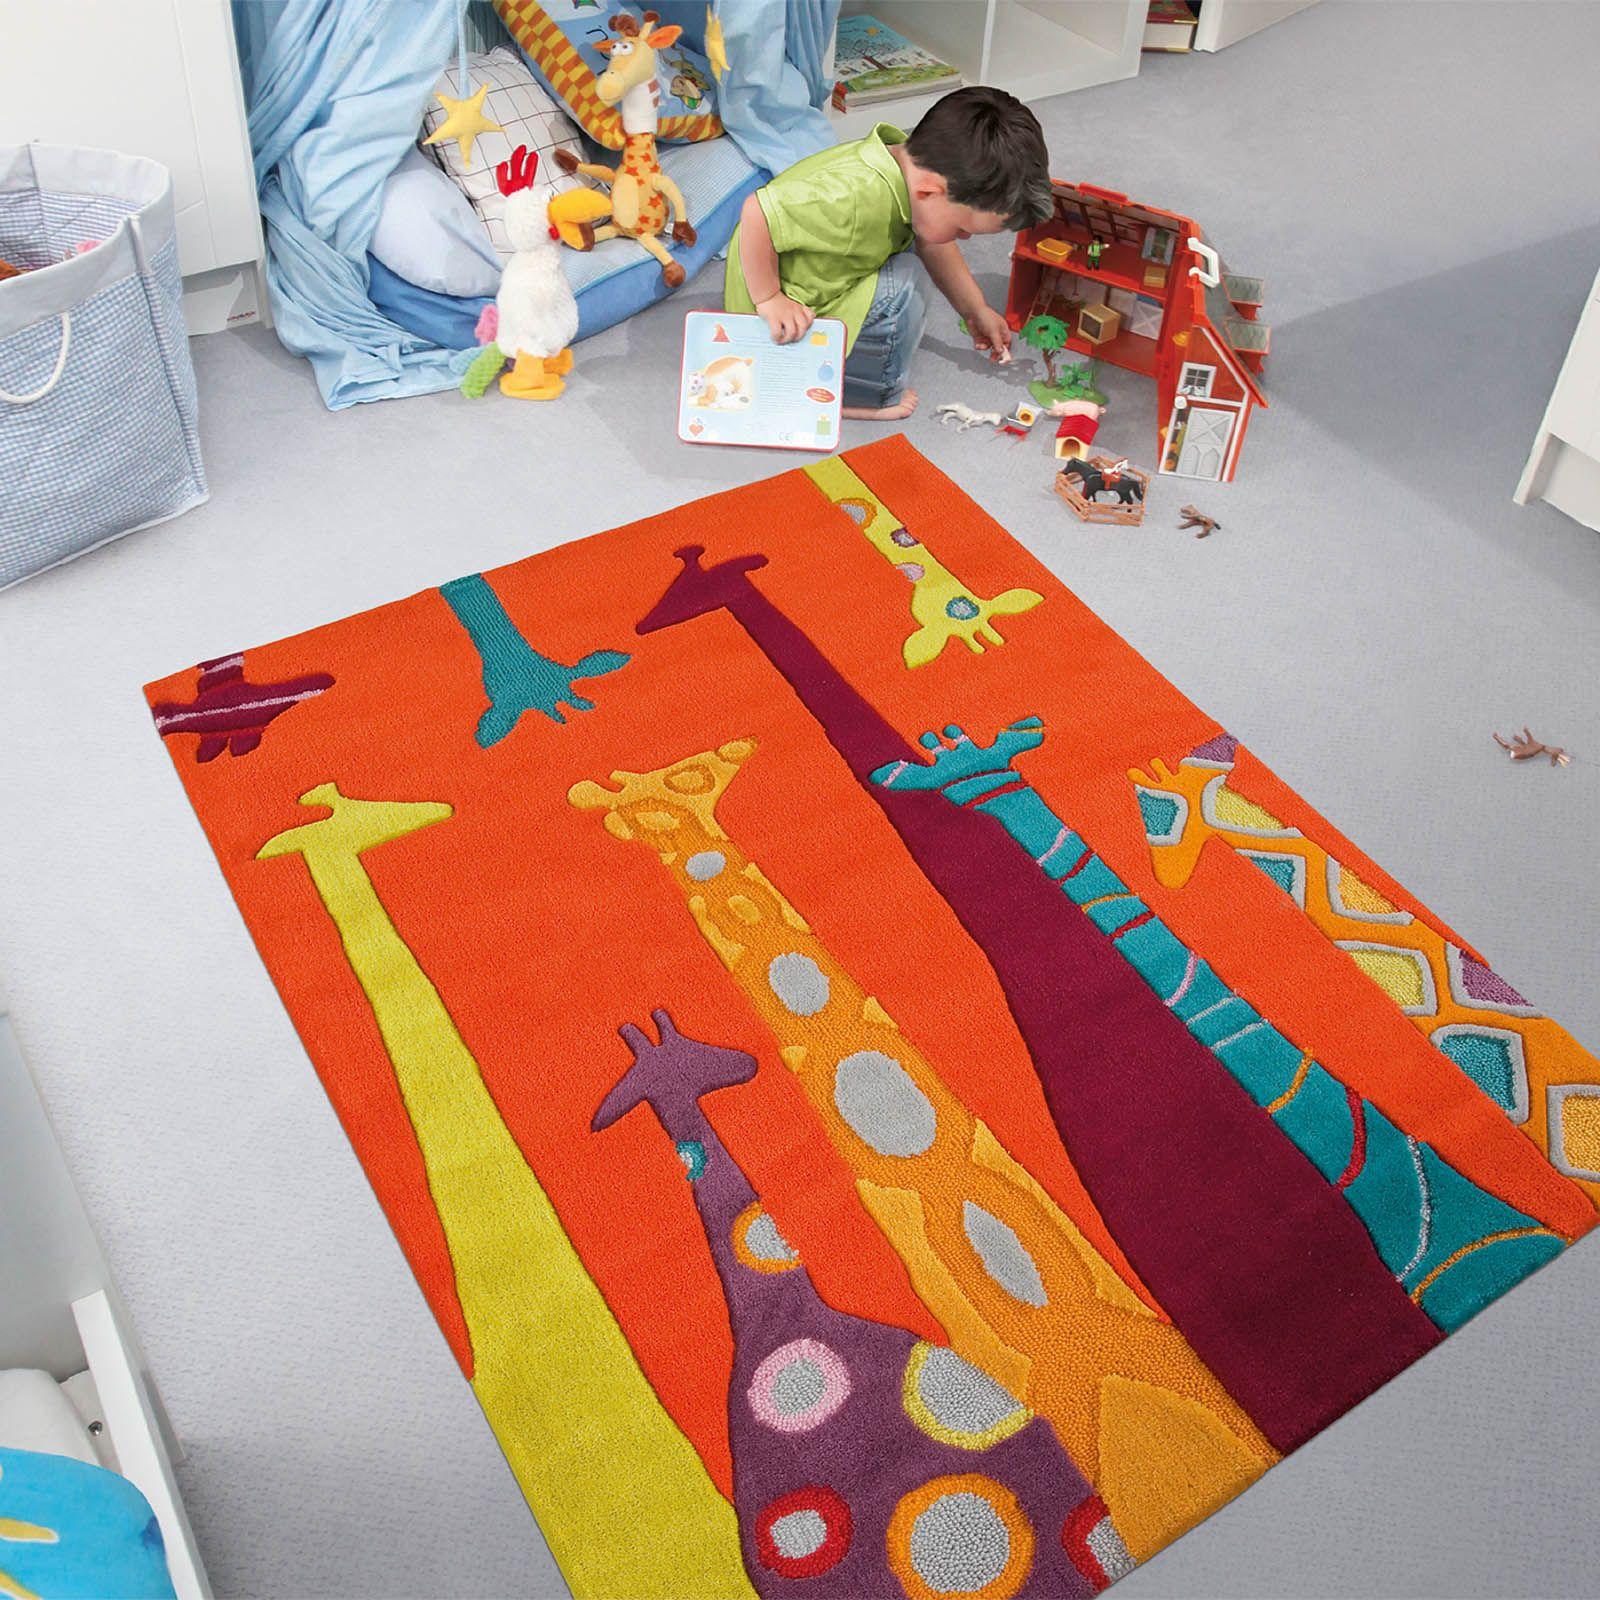 Giraffe Rugs For Kids 3078 40 Online From The Rug Er Uk